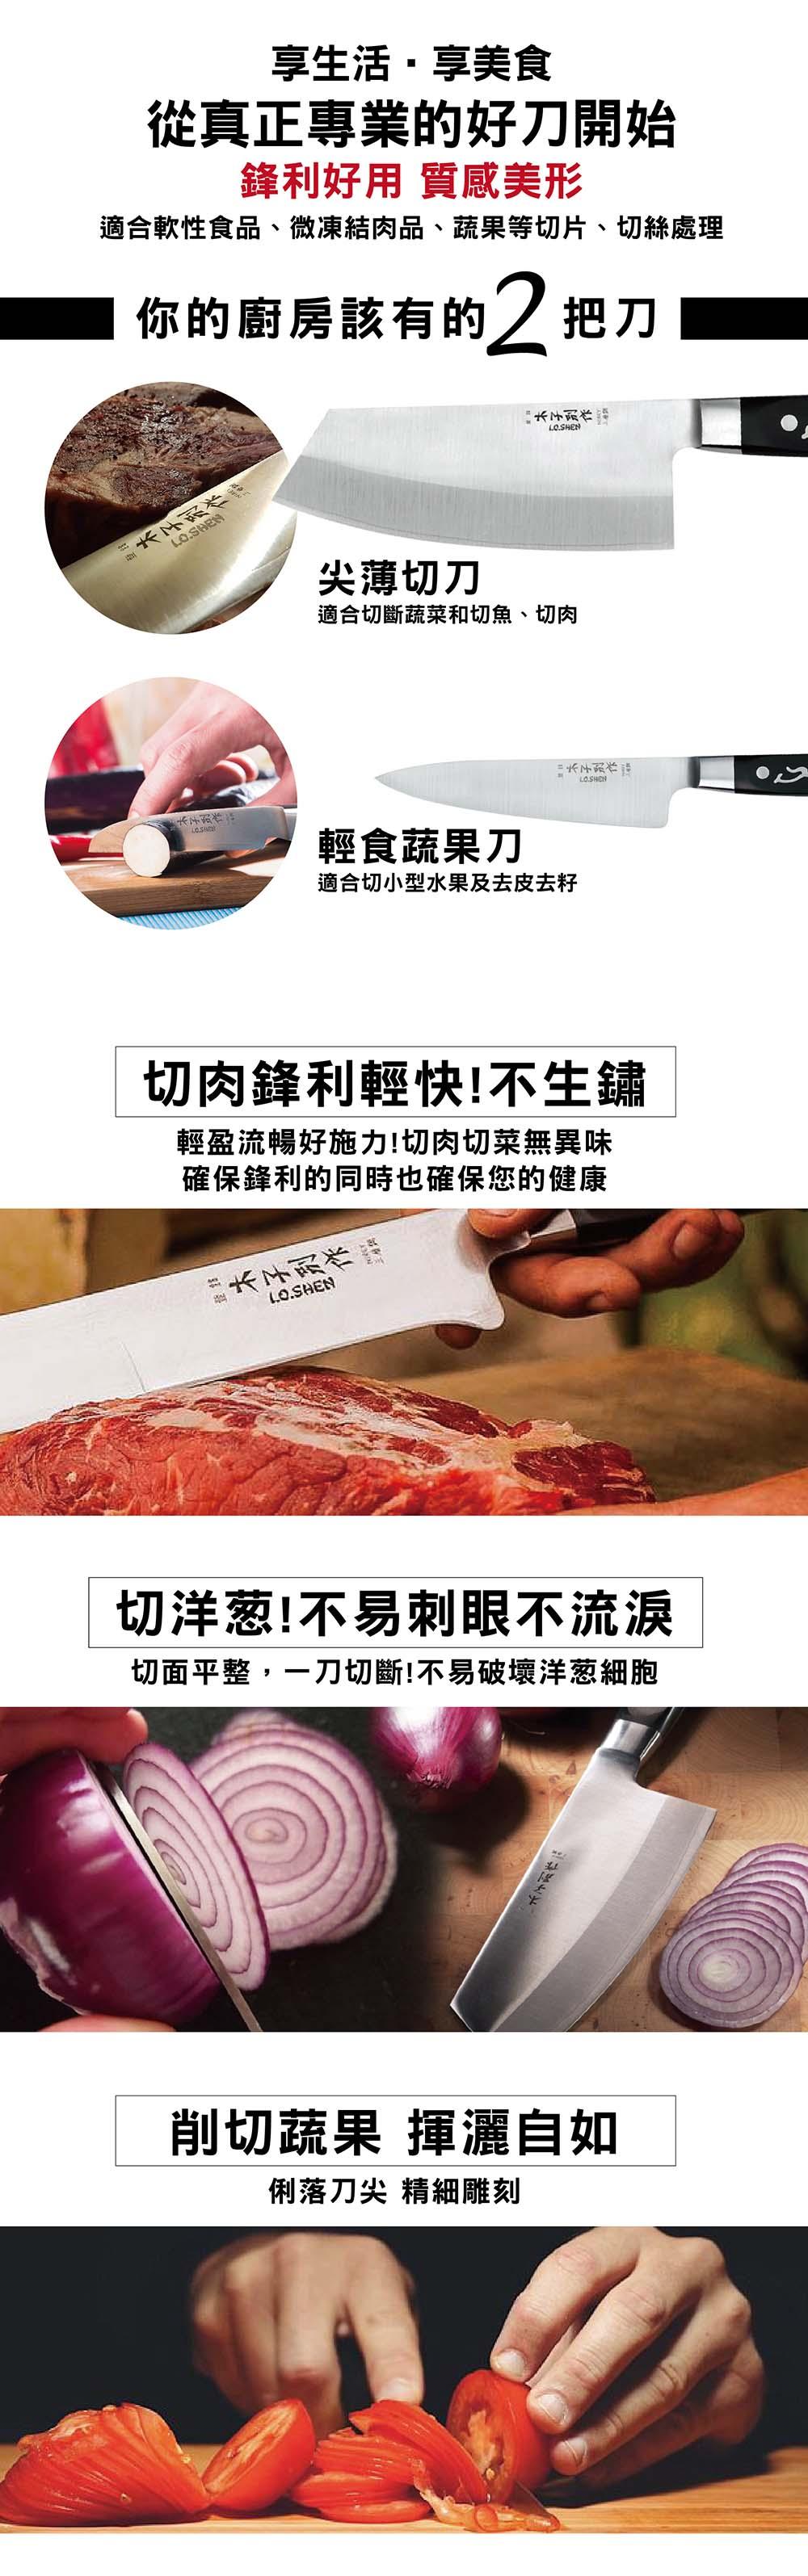 《木子別作》尖薄切刀中式菜刀